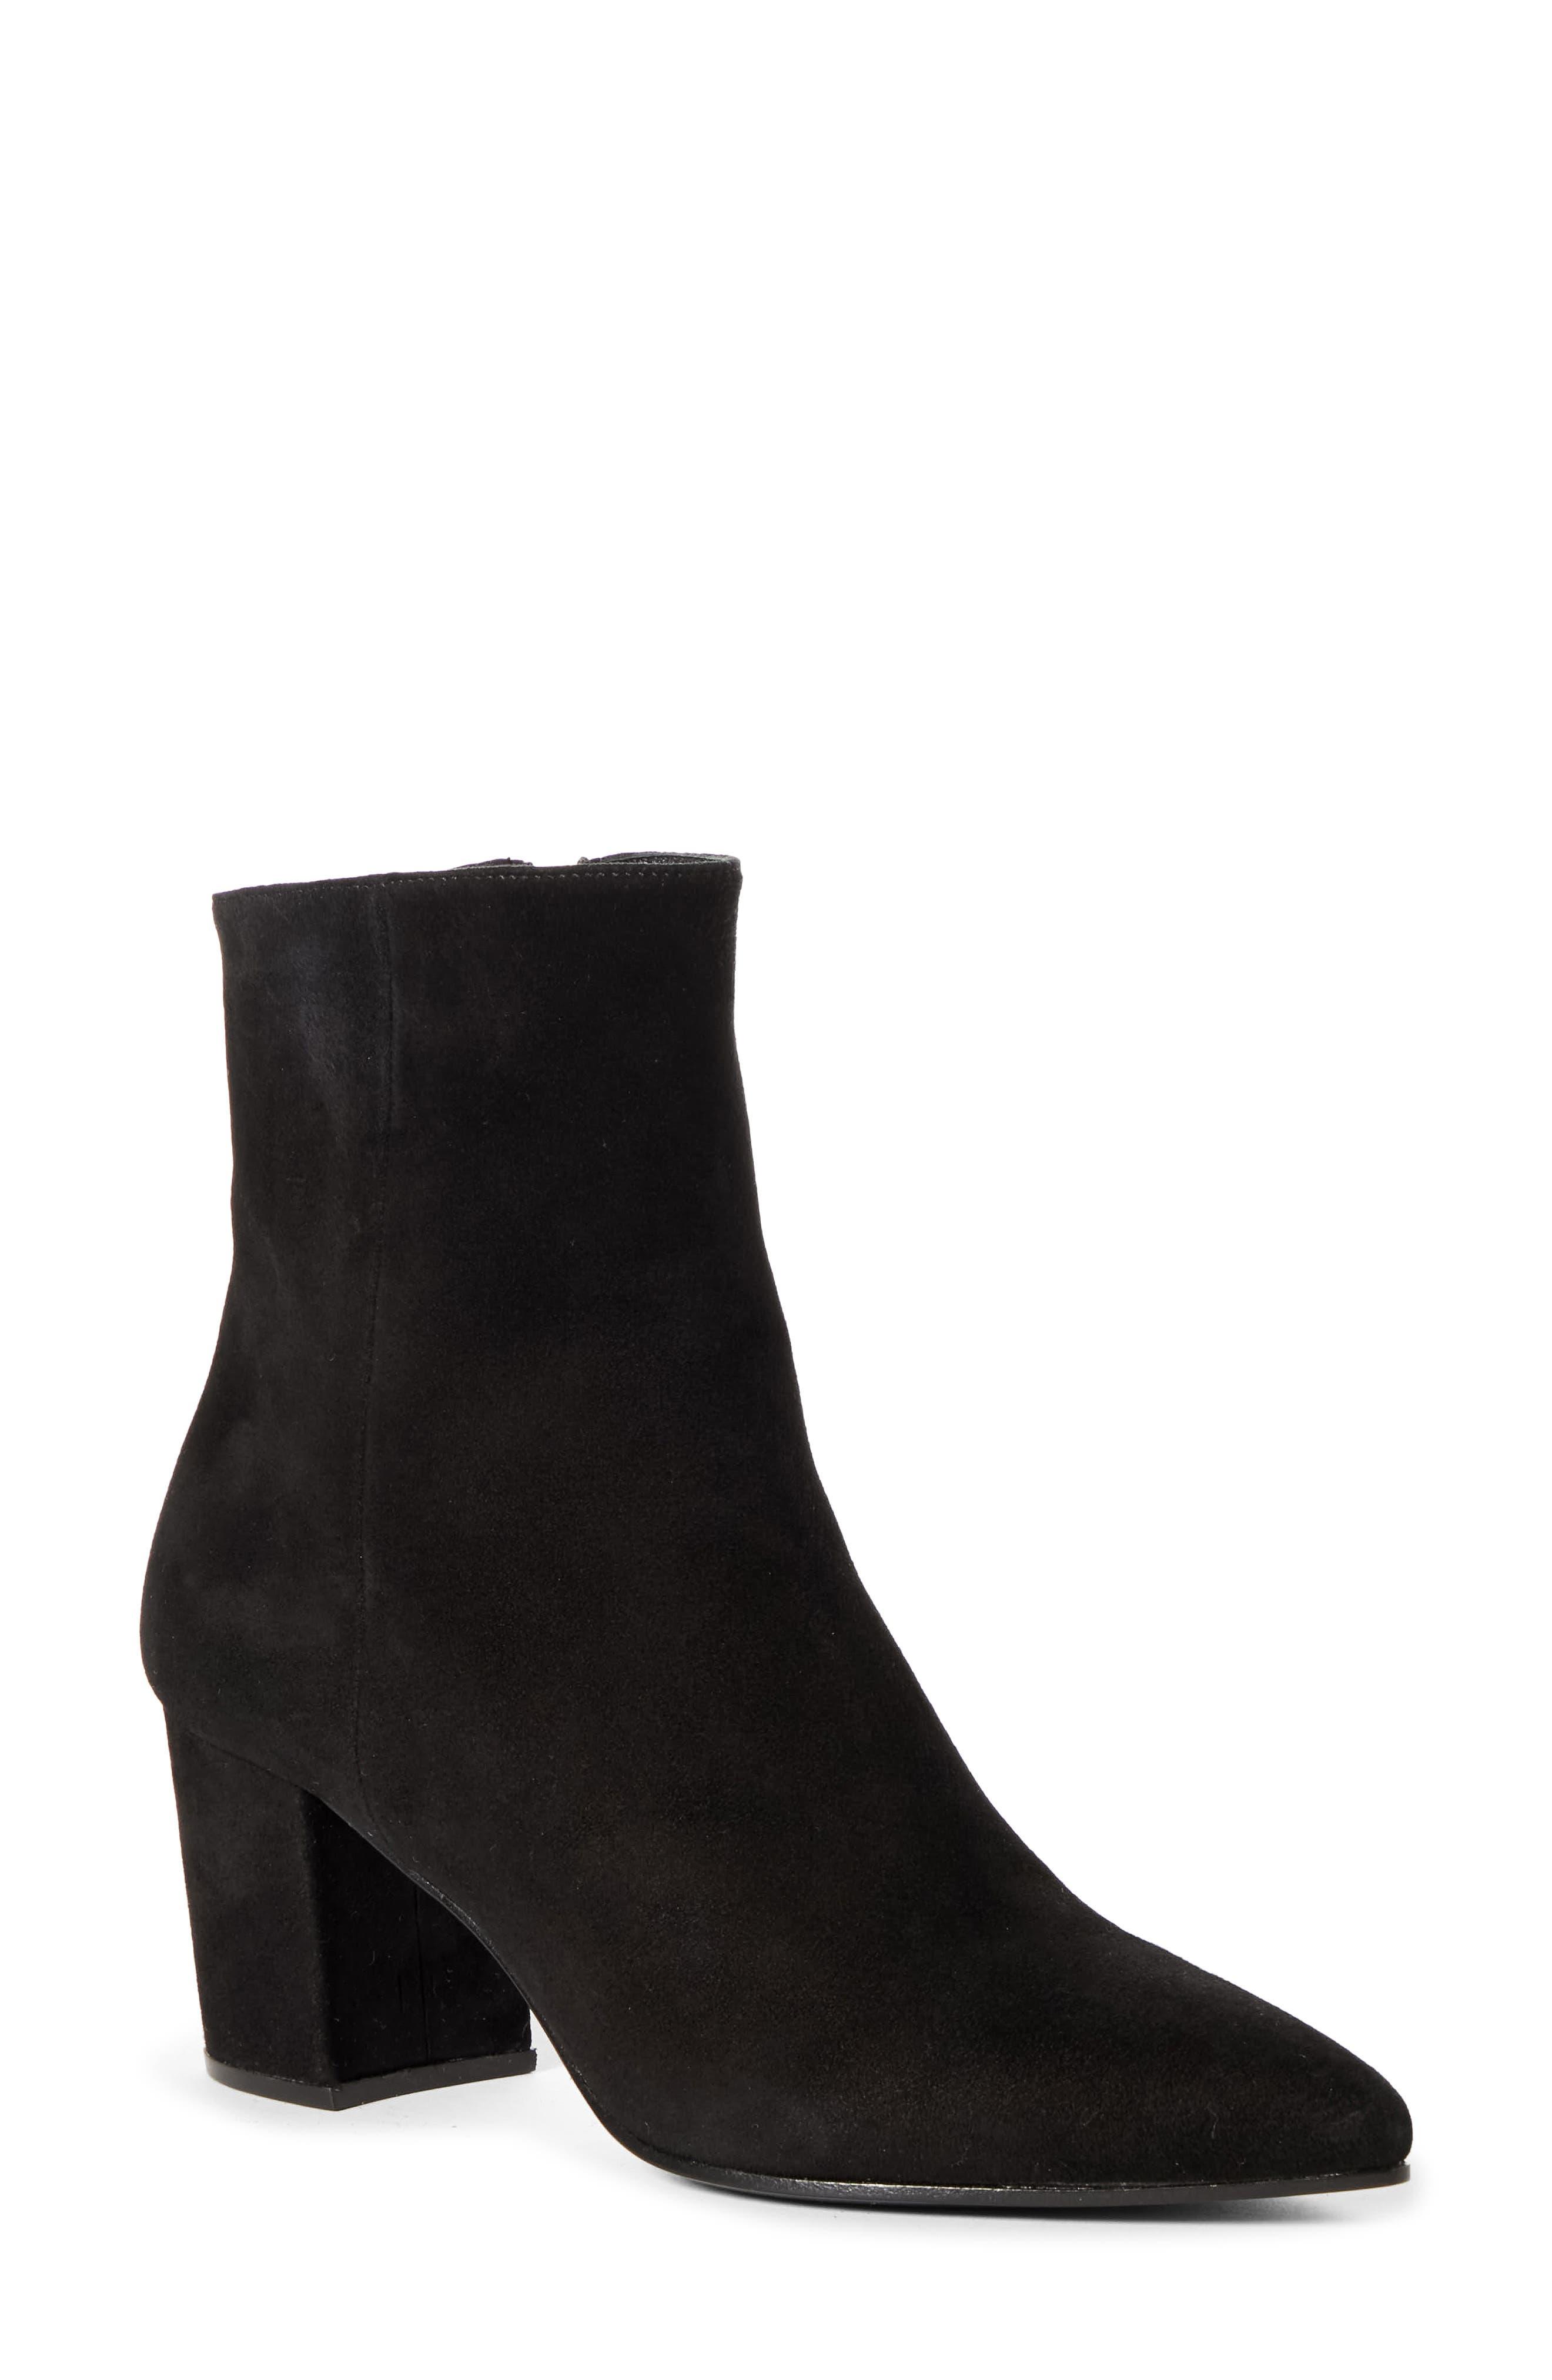 Designer Booties for Women | Nordstrom